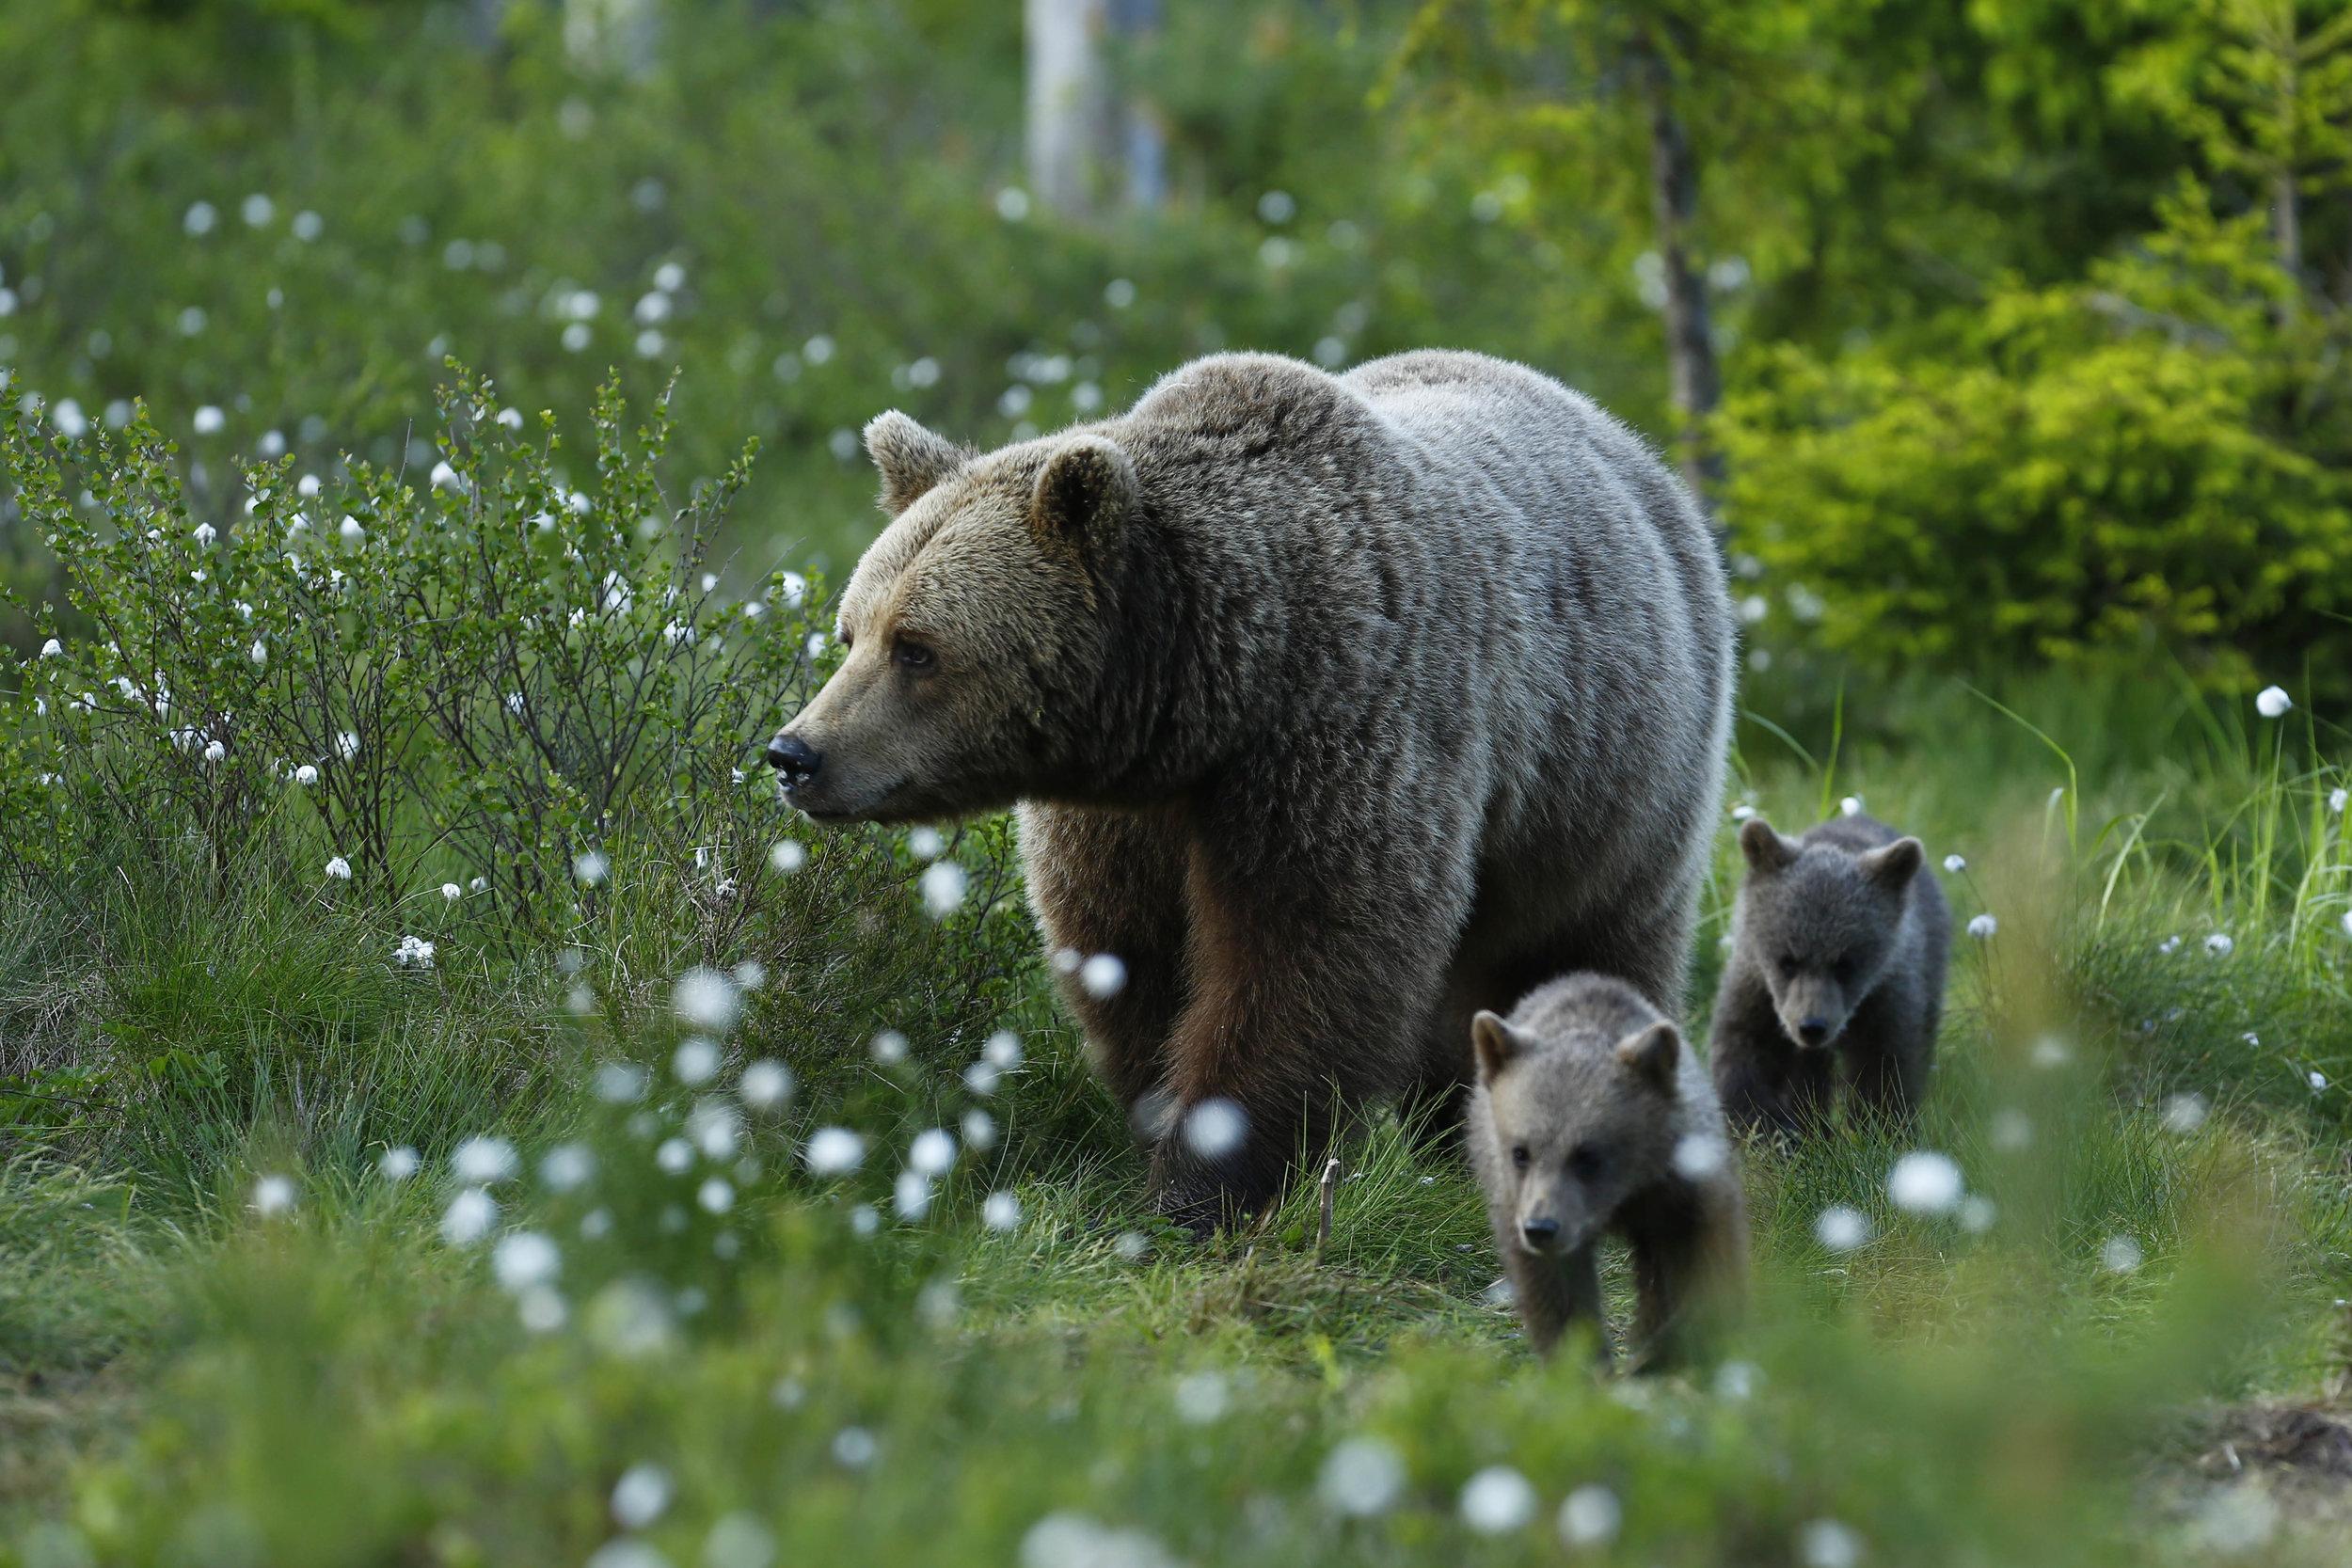 Björnhona med två ungar. De besökte ofta gömslet förra sommaren. Men vanligast är att se ensamma björnar. Foto: Håkan Vargas